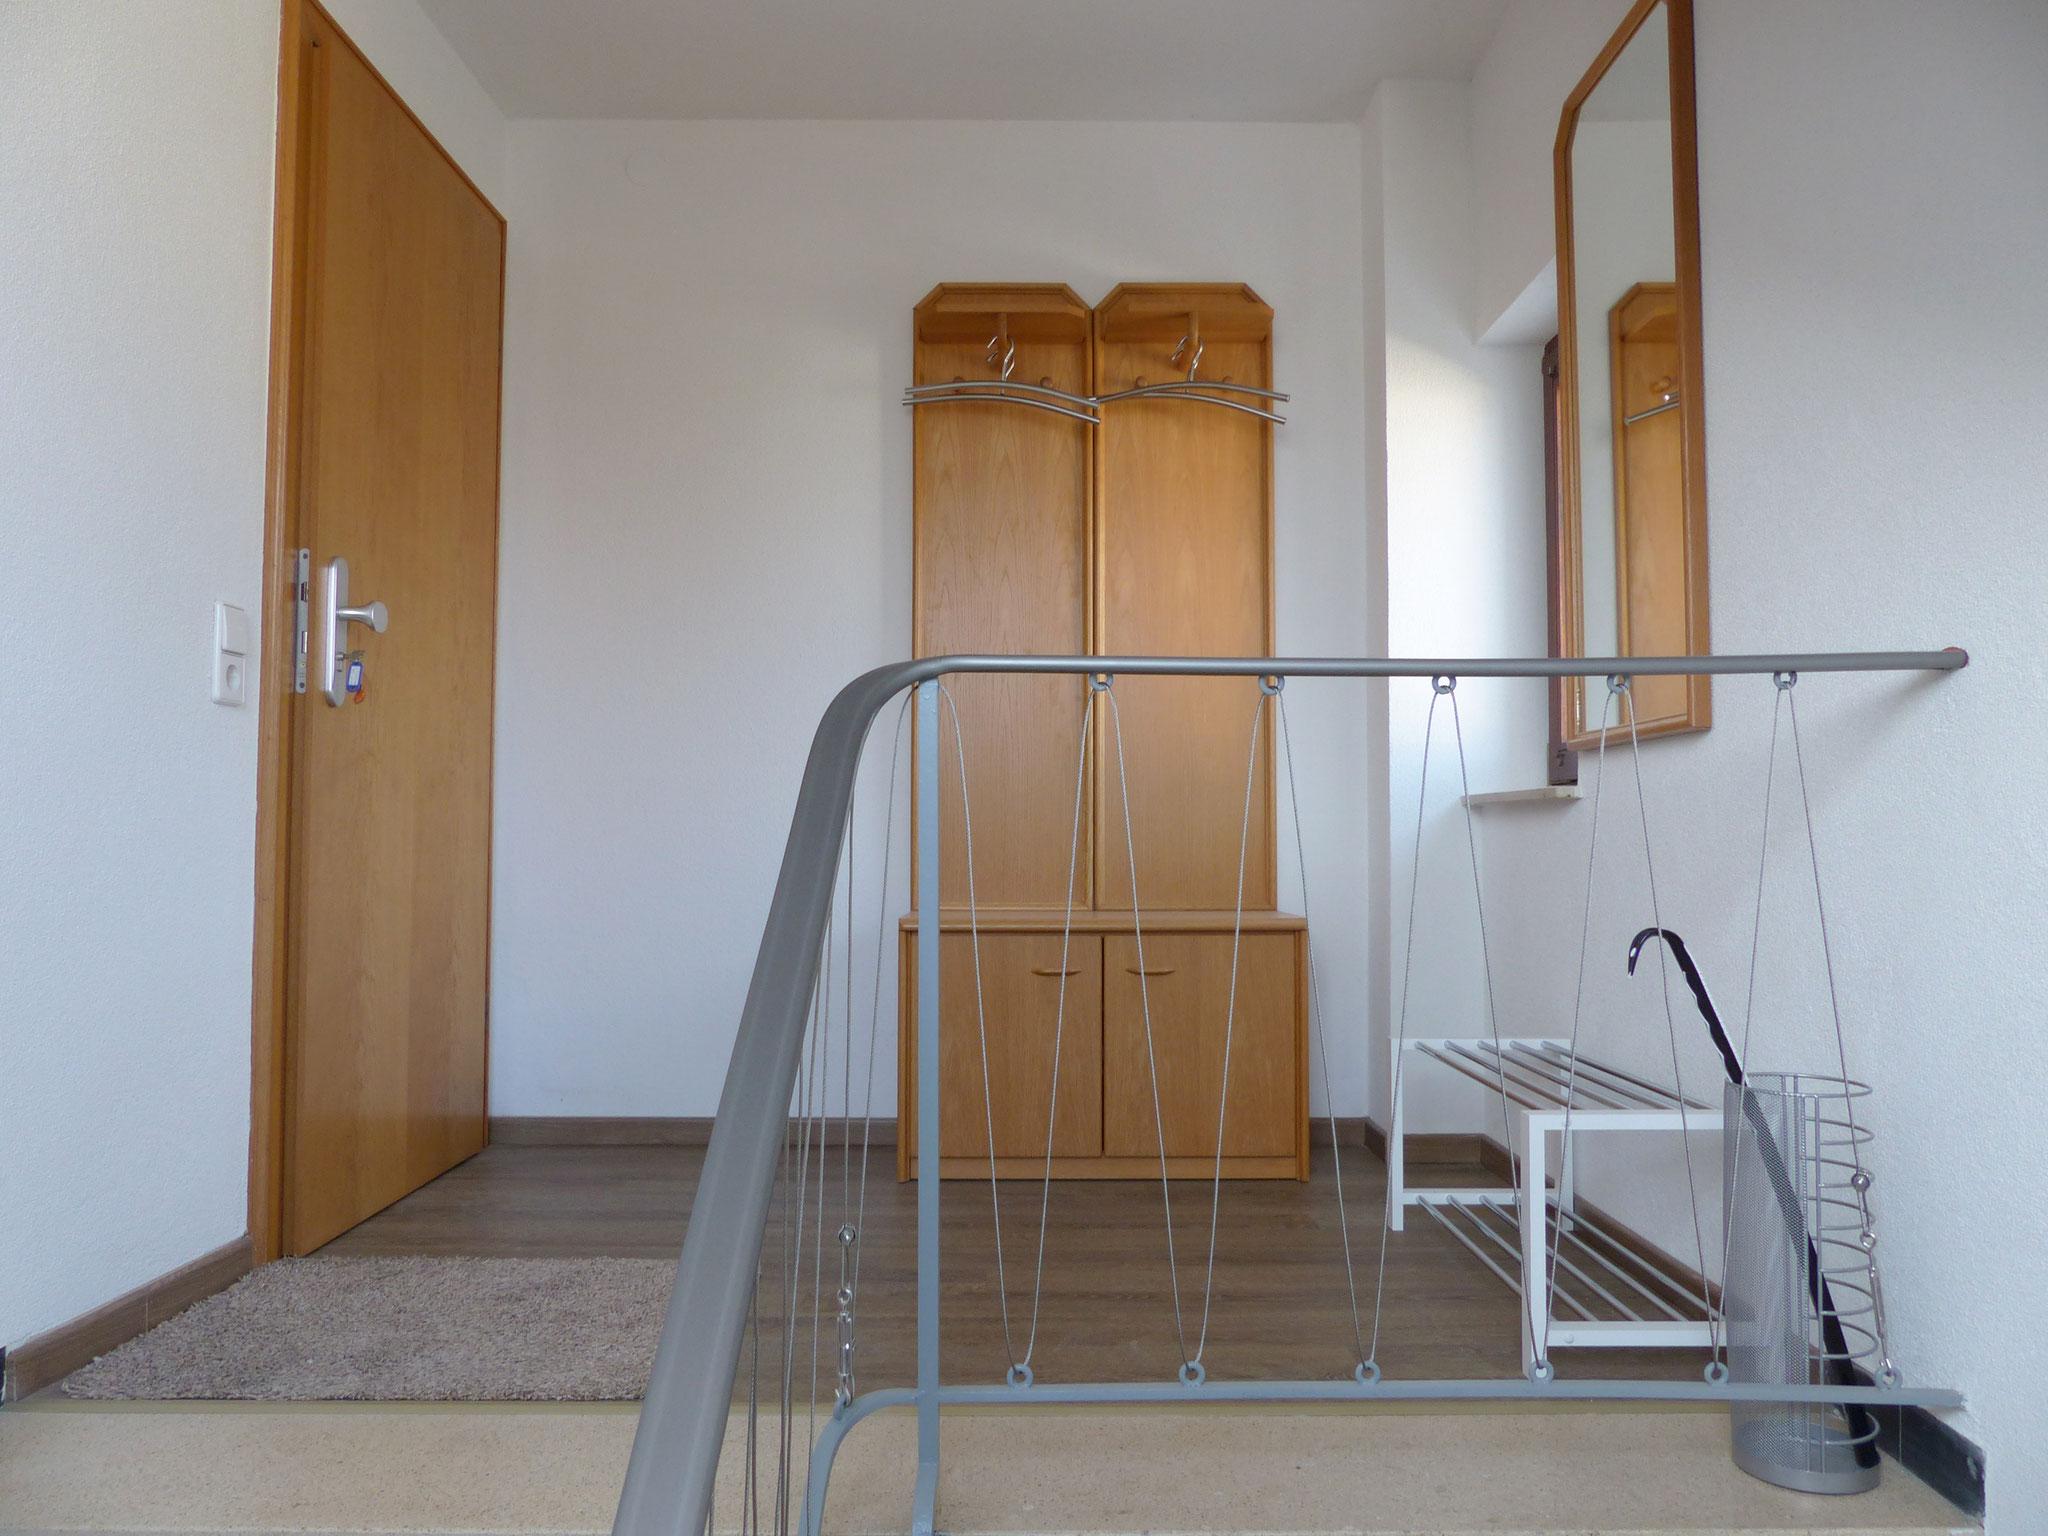 Flurbereich vor DG-Wohnung mit Garderobe